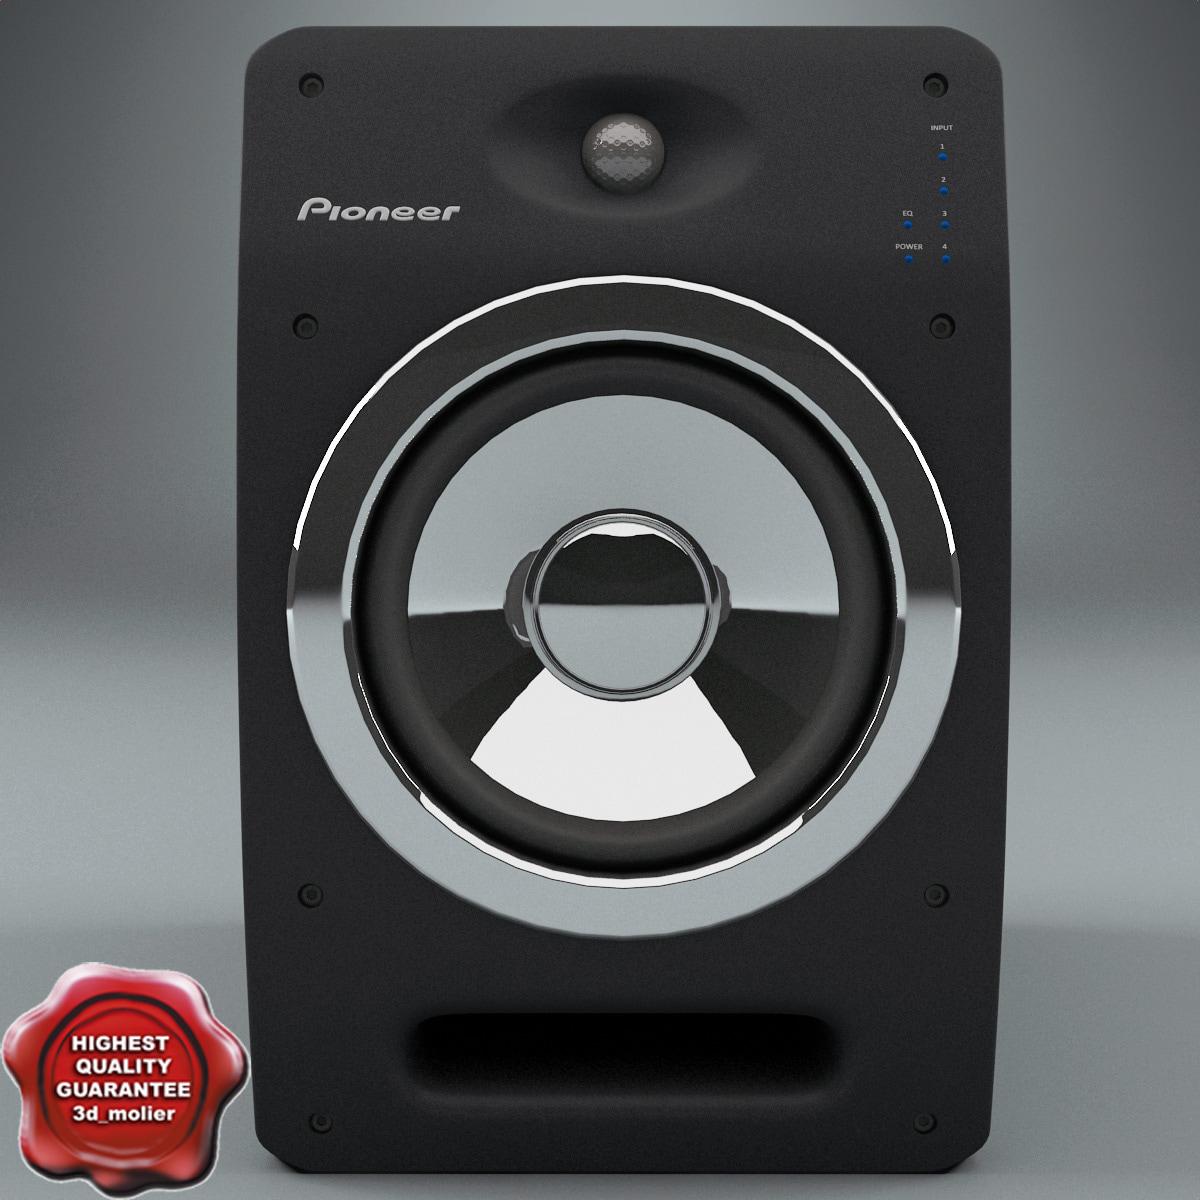 Speaker_Systems_Pioneer_S-DJ08_00.jpg